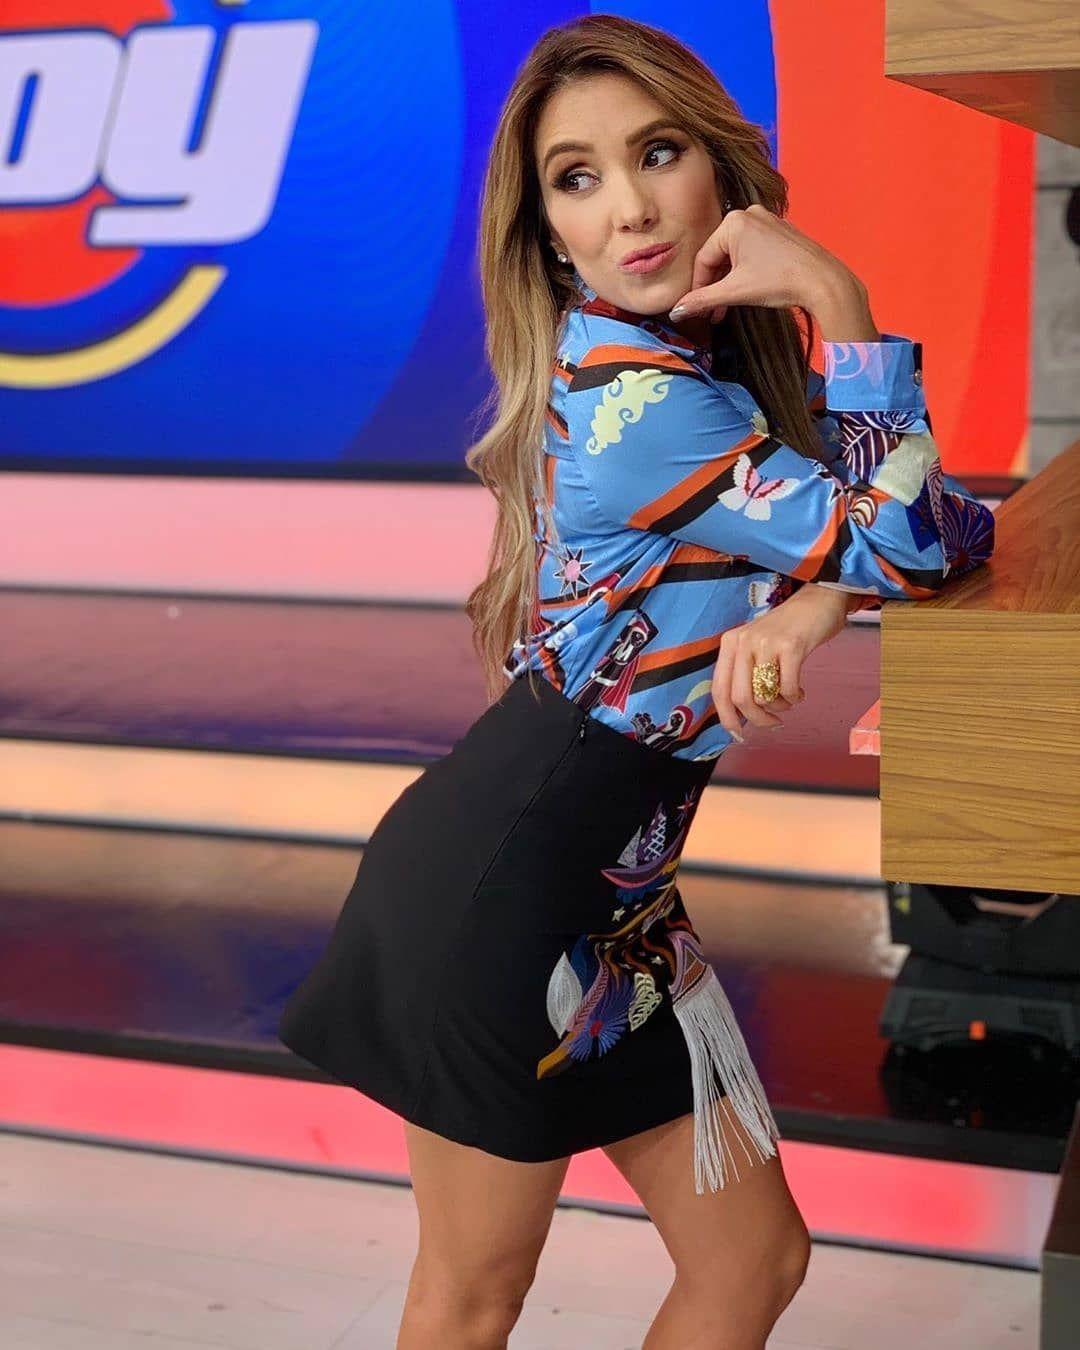 Andrea Escalona En Instagram Eres Mi Alegria In 2020 Style Fashion